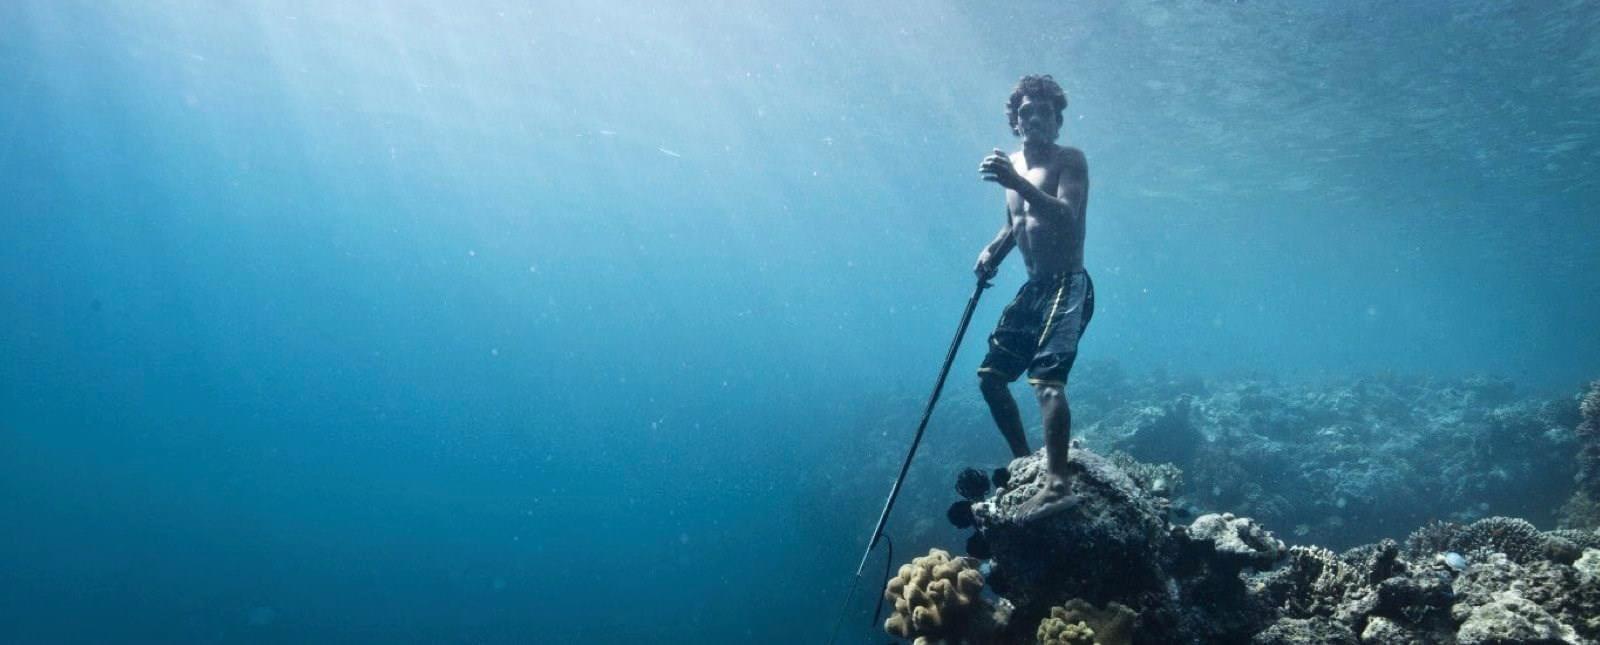 Los bajau, la tribu que mutó y puede sumergirse 60 metros bajo el mar.